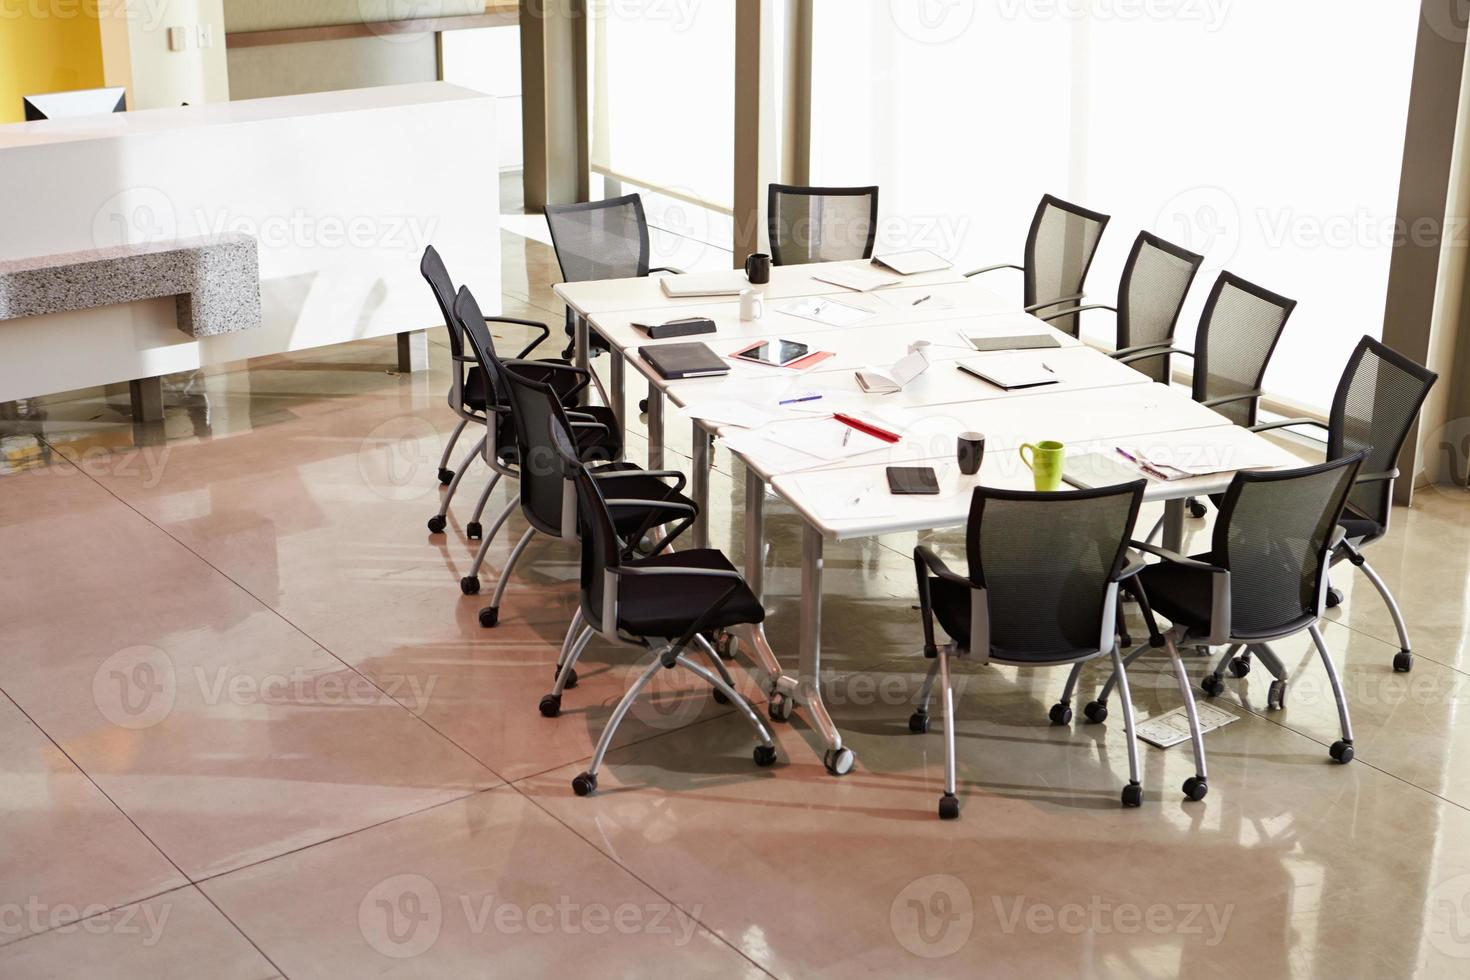 stolar arrangerade runt tomt styrelserum foto